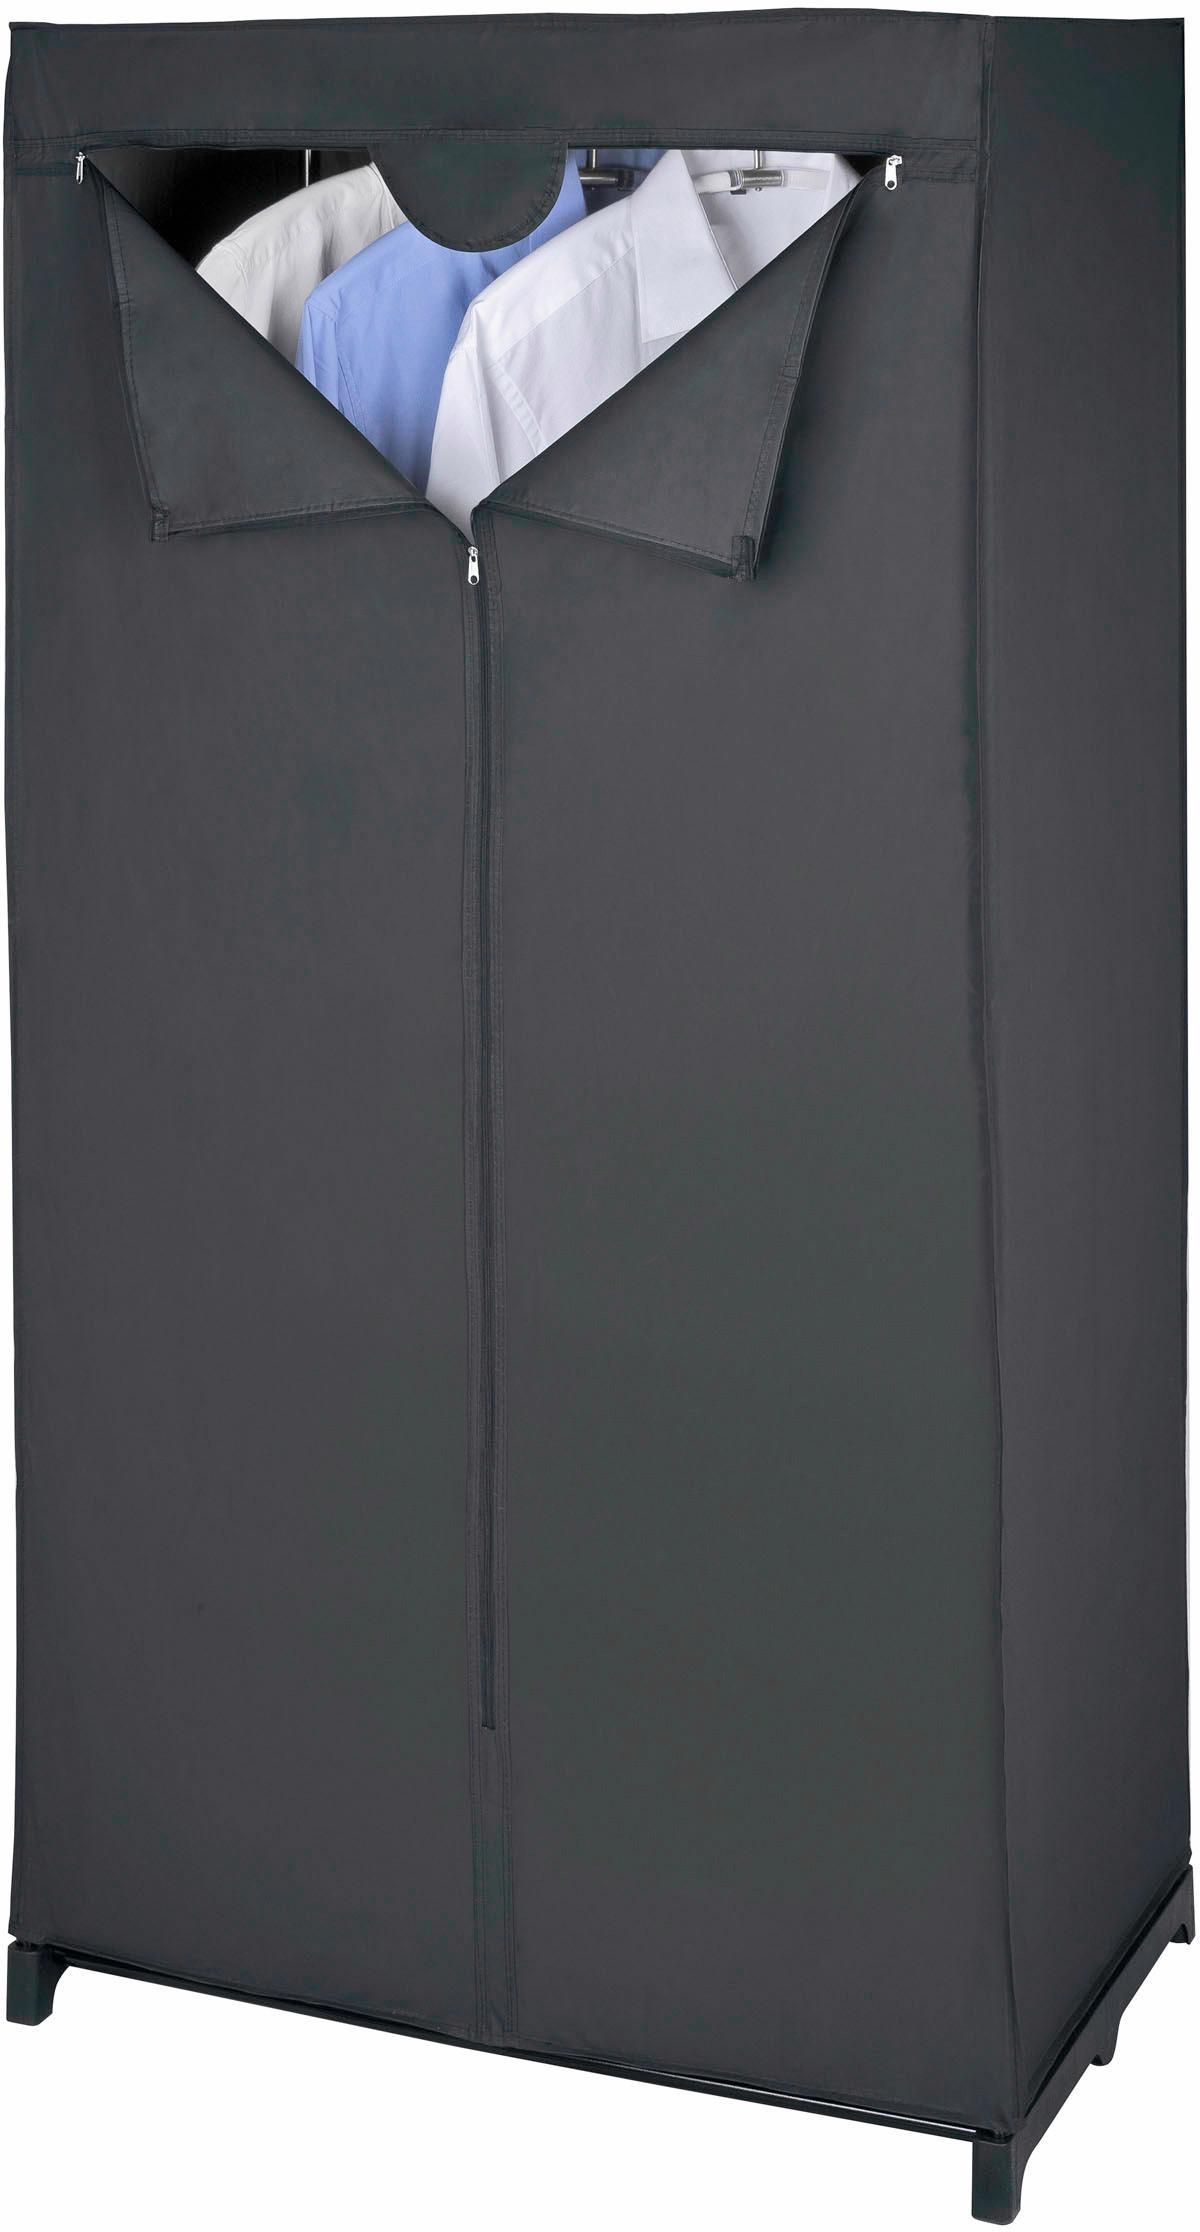 WENKO Kleiderschrank Deep Black schwarz Kleideraufbewahrung Aufbewahrung Ordnung Wohnaccessoires Schränke